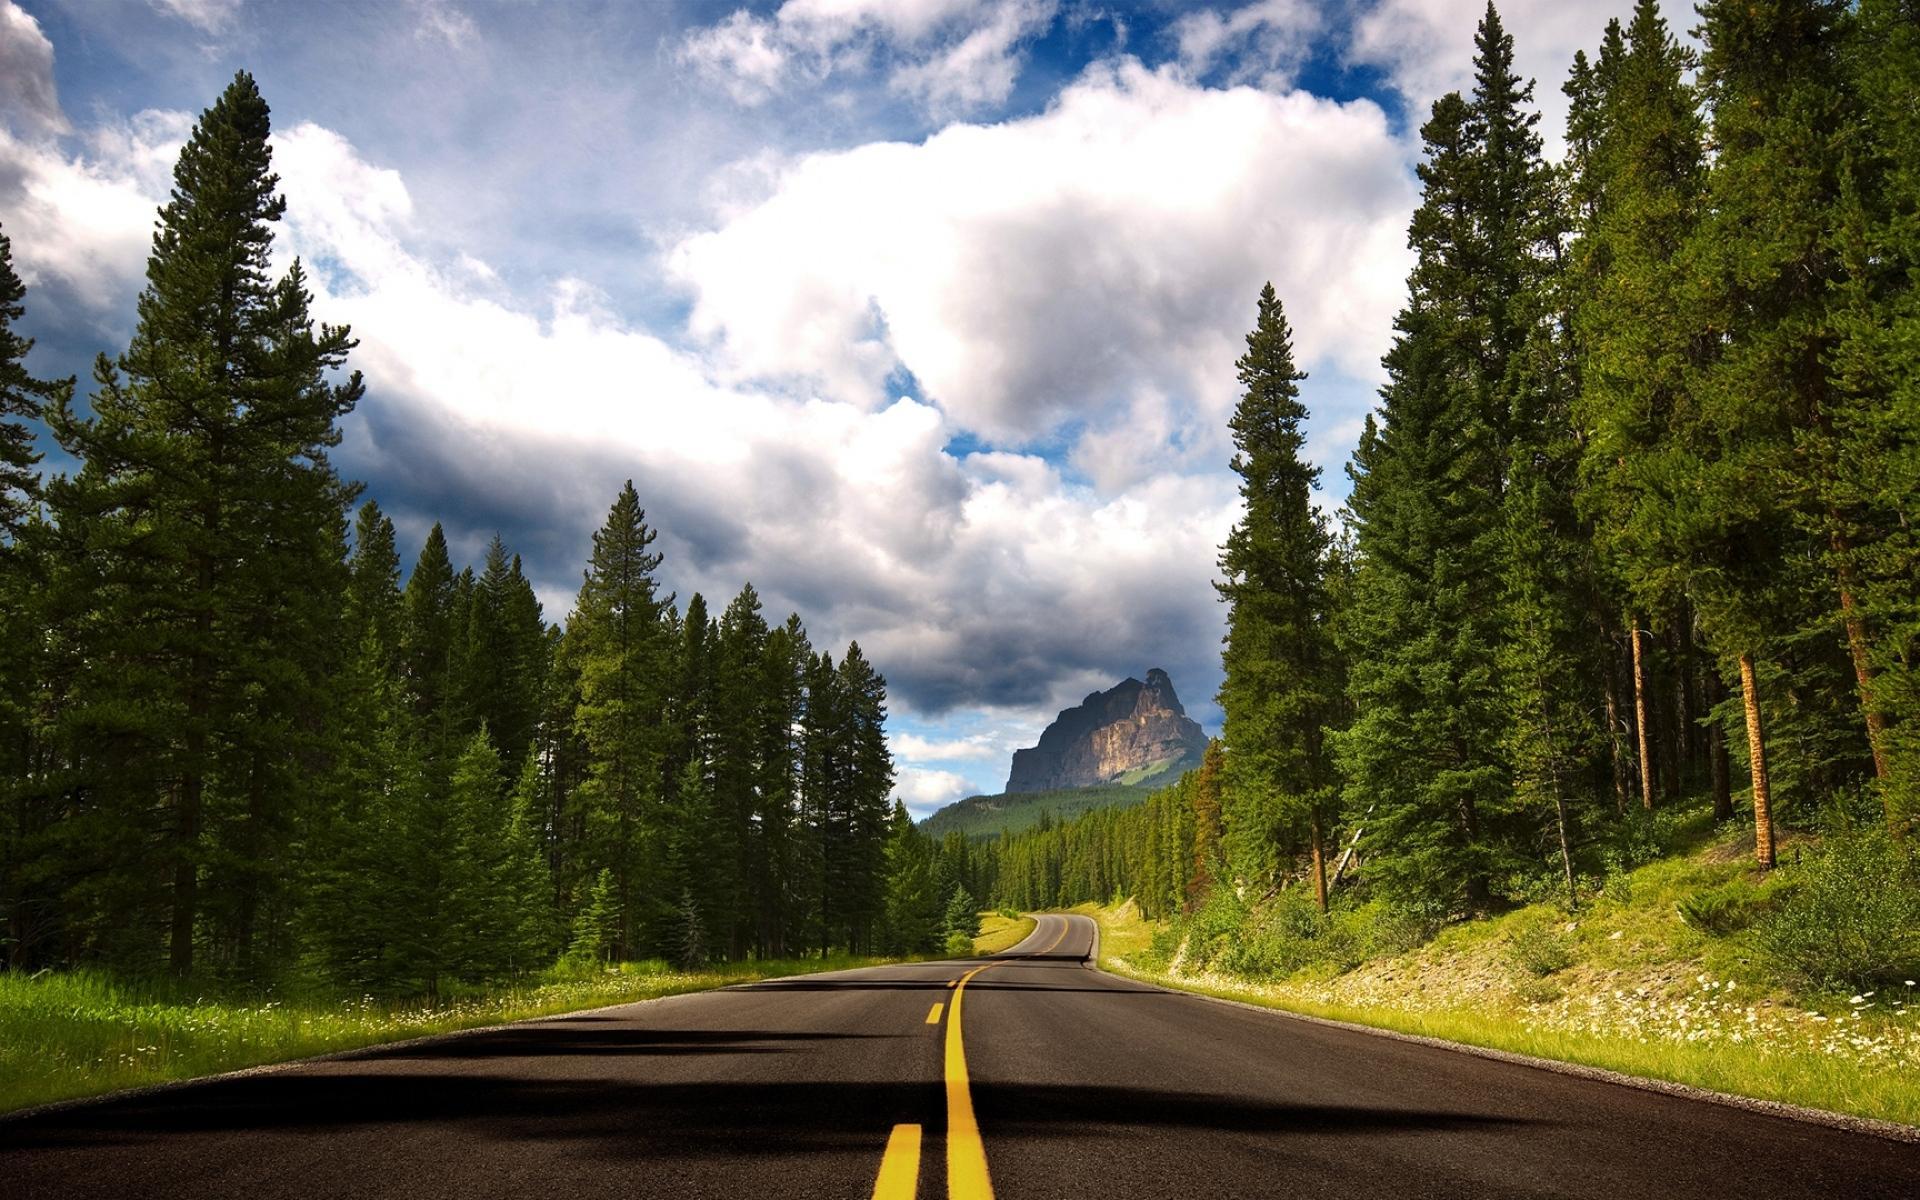 蓝天下唯美道路风景摄影图片电脑壁纸